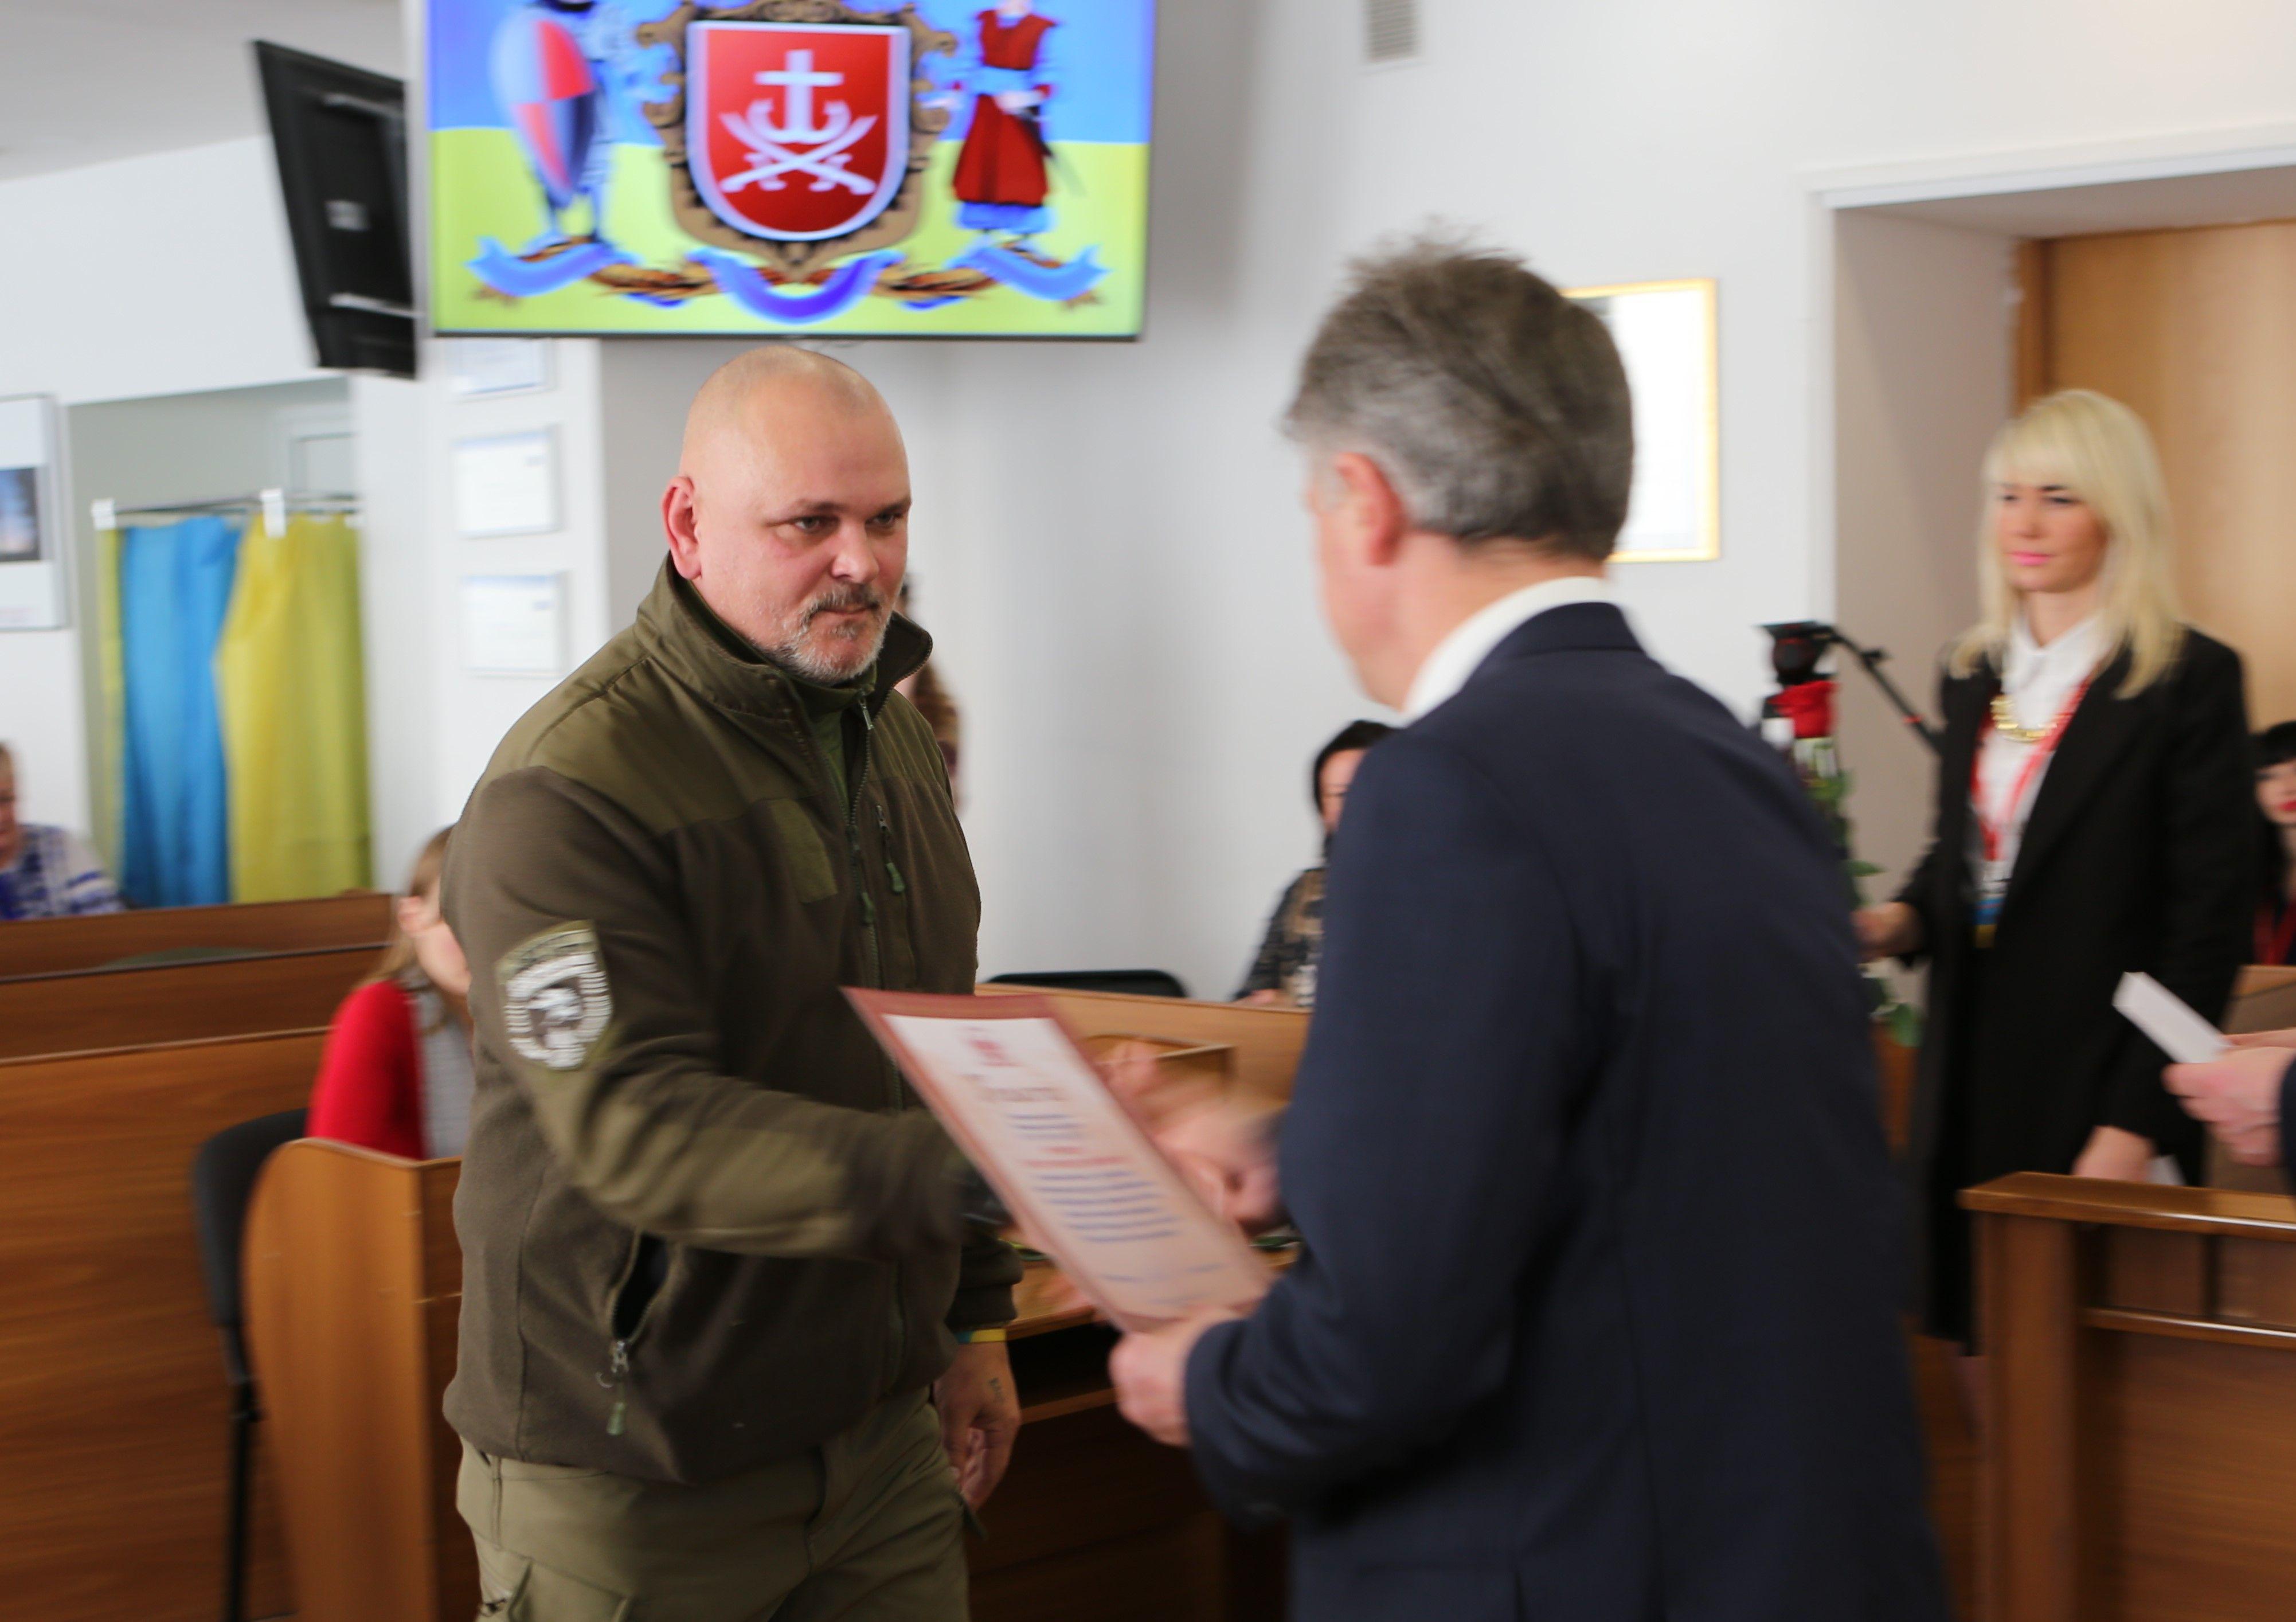 «Найважче у цій справі — байдужість людей» Вінничанин Олег Рудик став волонтером після служби в АТО